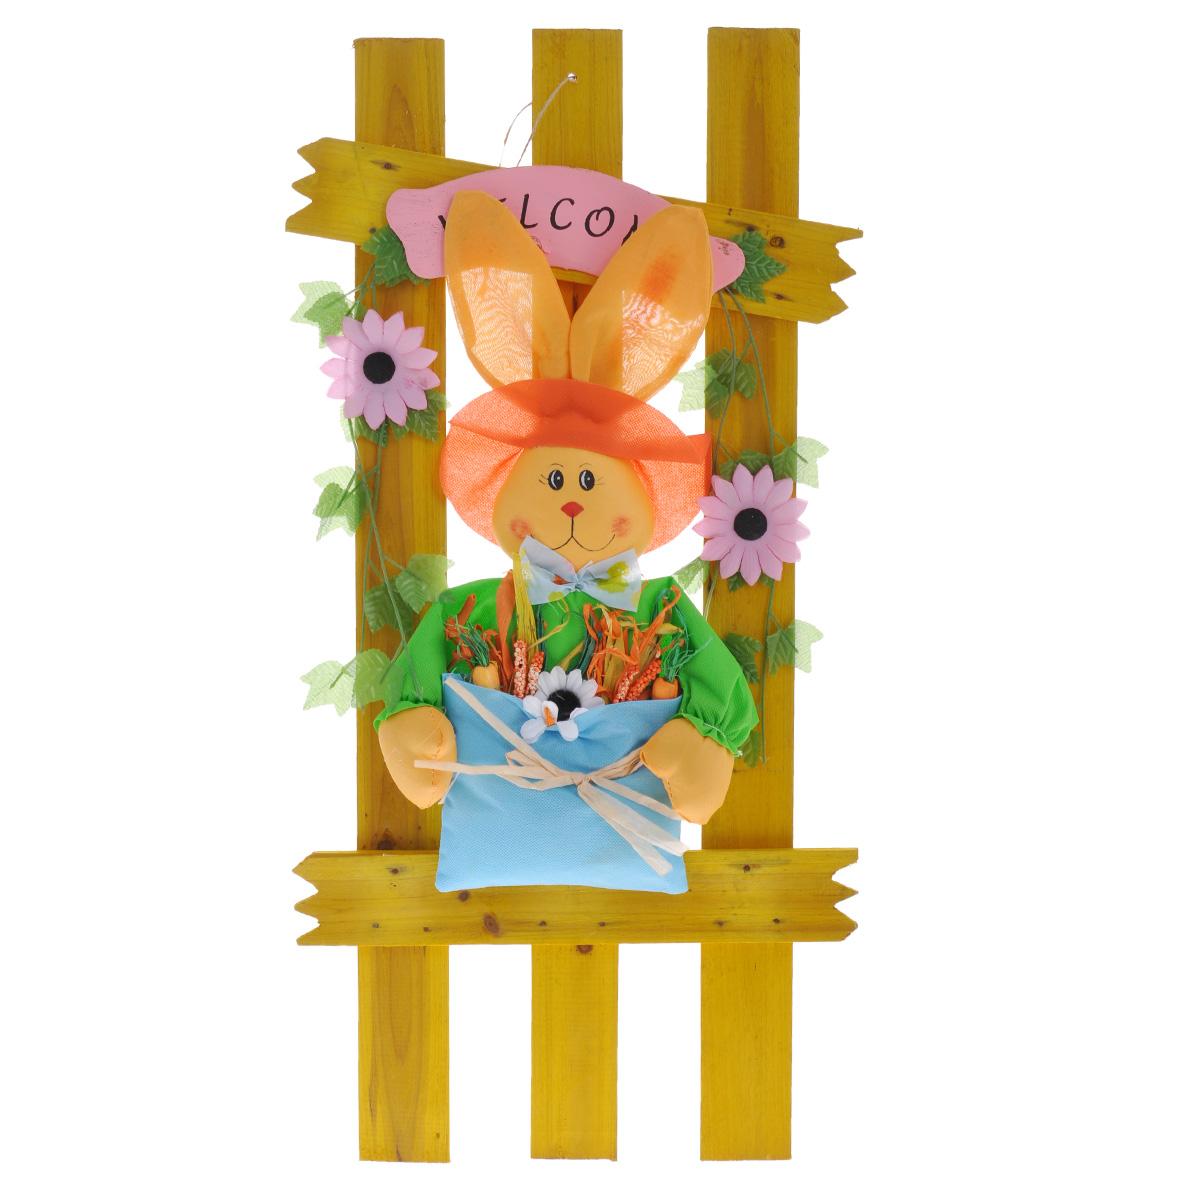 Фигурка декоративная Village People Кролик с бабочкой, цвет: желтый, высота 70 см64558Декоративная фигурка Village People Кролик с бабочкой предназначена для декорирования загородных домов, садовых домиков, террас, беседок, балконов. Также идеально впишется в ландшафтный дизайн огорода и сада. Фигурка представляет собой часть деревянного забора с симпатичным кроликом в шляпе и бабочке, который несет сумку, полную всяких овощей.